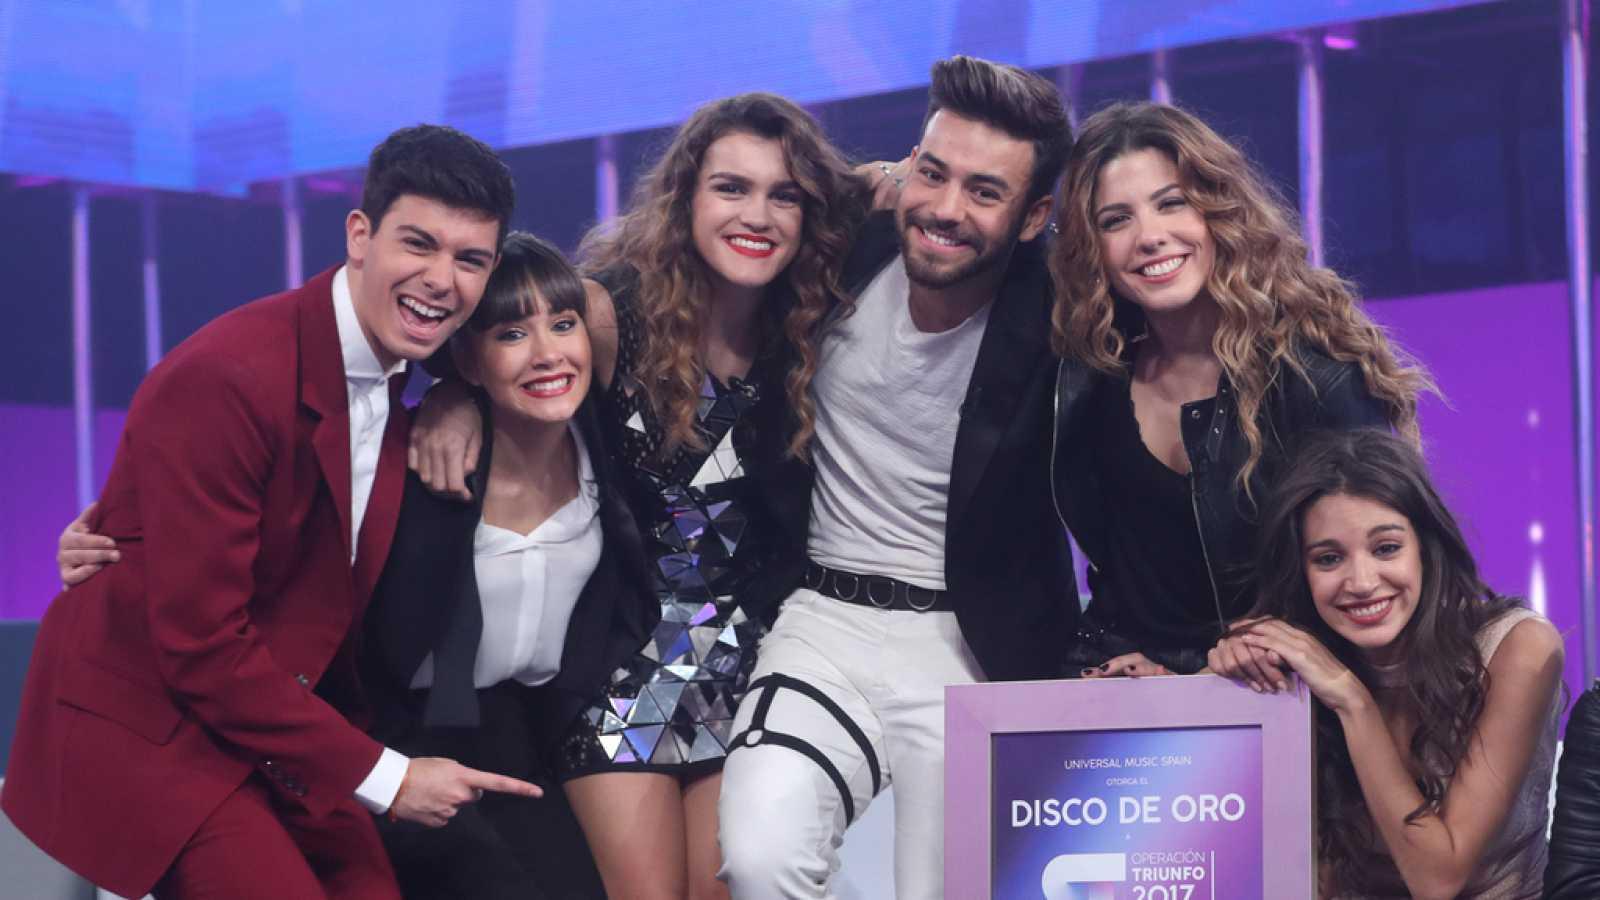 Eurovisión 2018 - Descubre los detalles sobre la elección de los temas para Eurovisión 2018